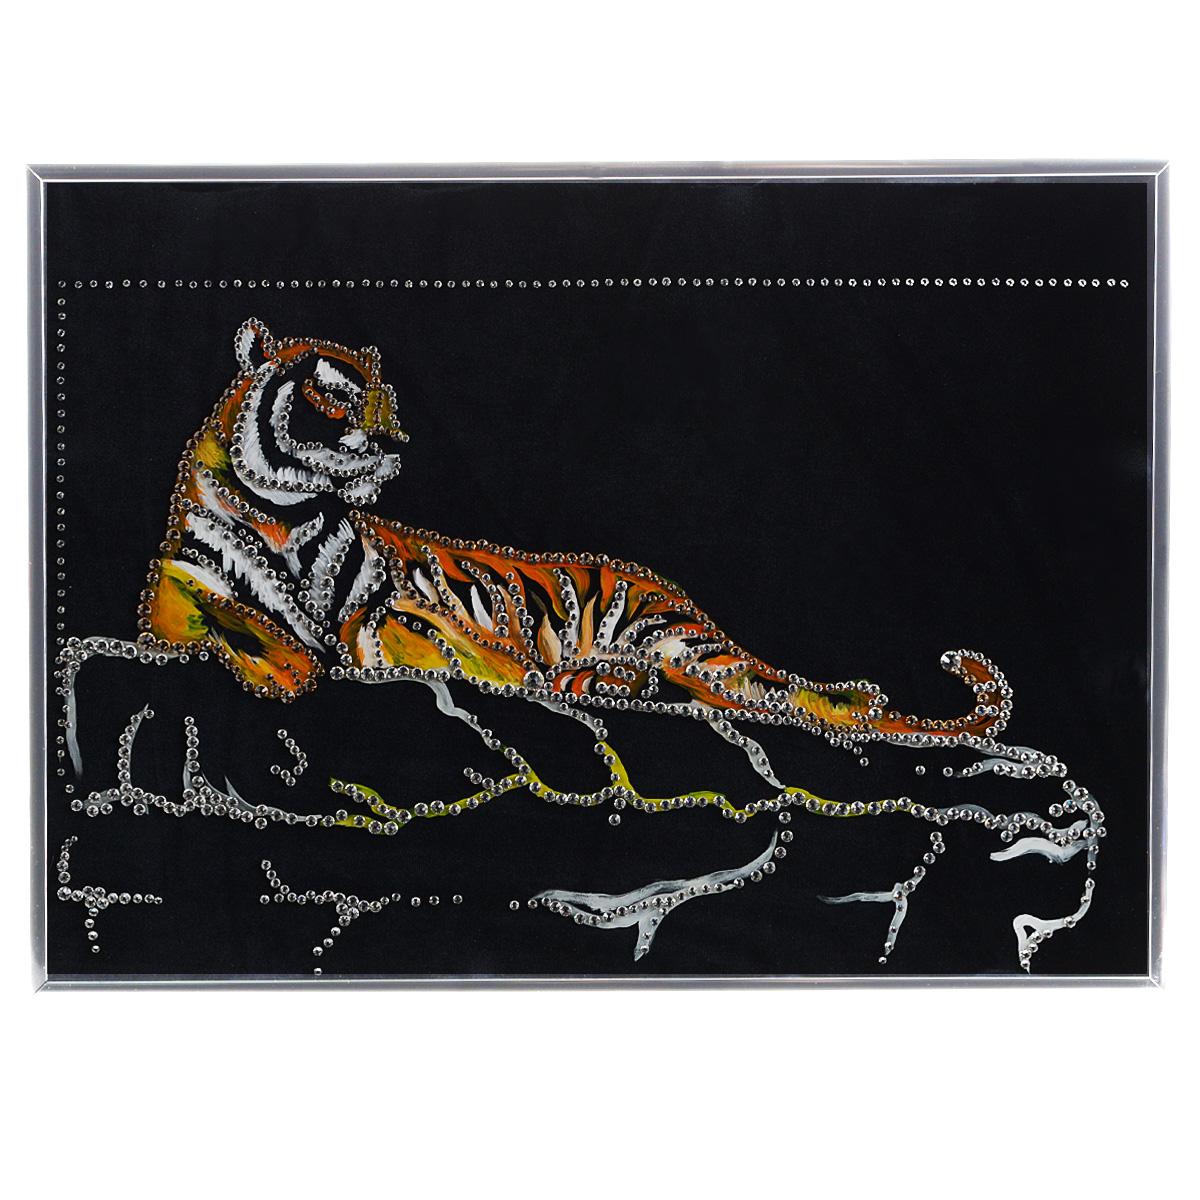 Картина с кристаллами Swarovski Тигр Шерхан, 40 см х 30 см853063Изящная картина в металлической раме, инкрустирована кристаллами Swarovski, которые отличаются четкой и ровной огранкой, ярким блеском и чистотой цвета. Красочное изображение тигра, расположенное на внутренней стороне стекла, прекрасно дополняет блеск кристаллов. Под стеклом картина оформлены бархатистой тканью черного цвета. С обратной стороны имеется металлическая петелька для размещения картины на стене.Картина с кристаллами Swarovski Тигр Шерхан элегантно украсит интерьер дома или офиса, а также станет прекрасным подарком, который обязательно понравится получателю. Блеск кристаллов в интерьере, что может быть сказочнее и удивительнее. Картина упакована в подарочную картонную коробку синего цвета и комплектуется сертификатом соответствия Swarovski.